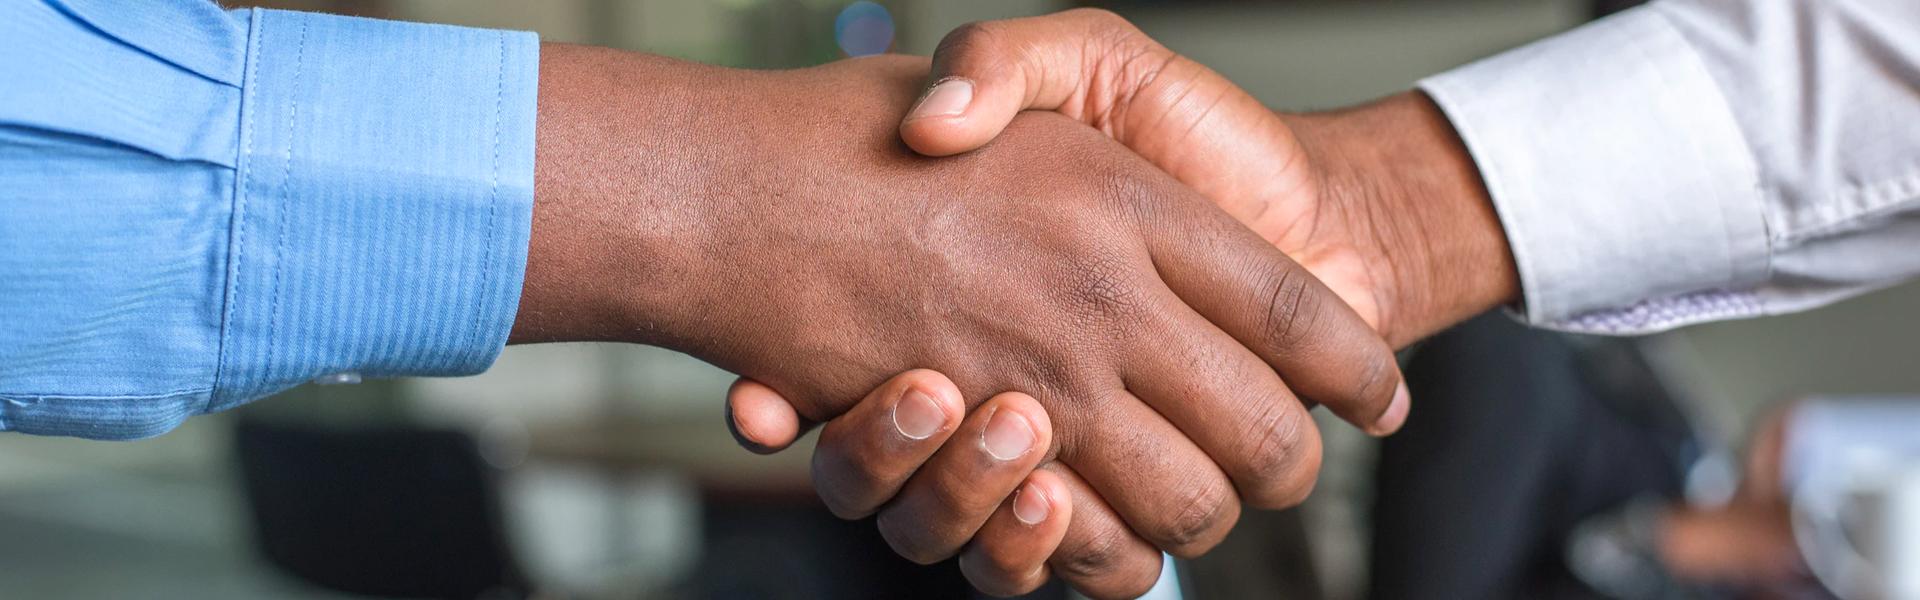 Deux hommes se faisant une poignee de main